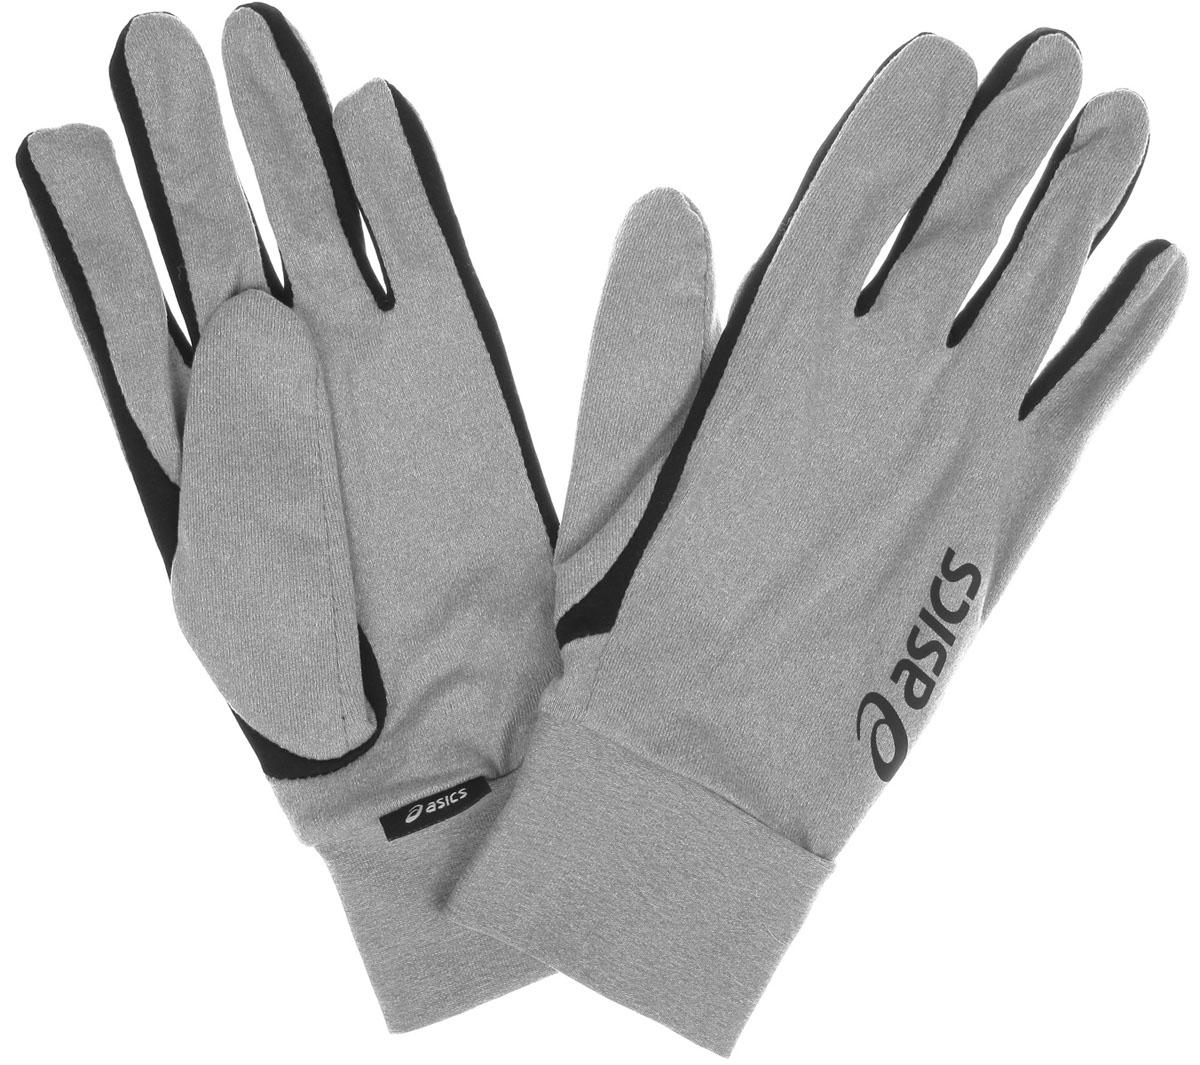 Перчатки для бега Basic Glove. 114700114700-0392Мягкие и легкие перчатки Asics Basic Glove защитят вас от холода и непогоды во время интенсивной тренировки. Ветронепроницаемая и влагоотводящая ткань, а также высокие эластичные манжеты сохранят ваши руки в тепле и сухости. Модель оформлена логотипом бренда. Выделяйтесь из толпы благодаря стильному дизайну перчаток.